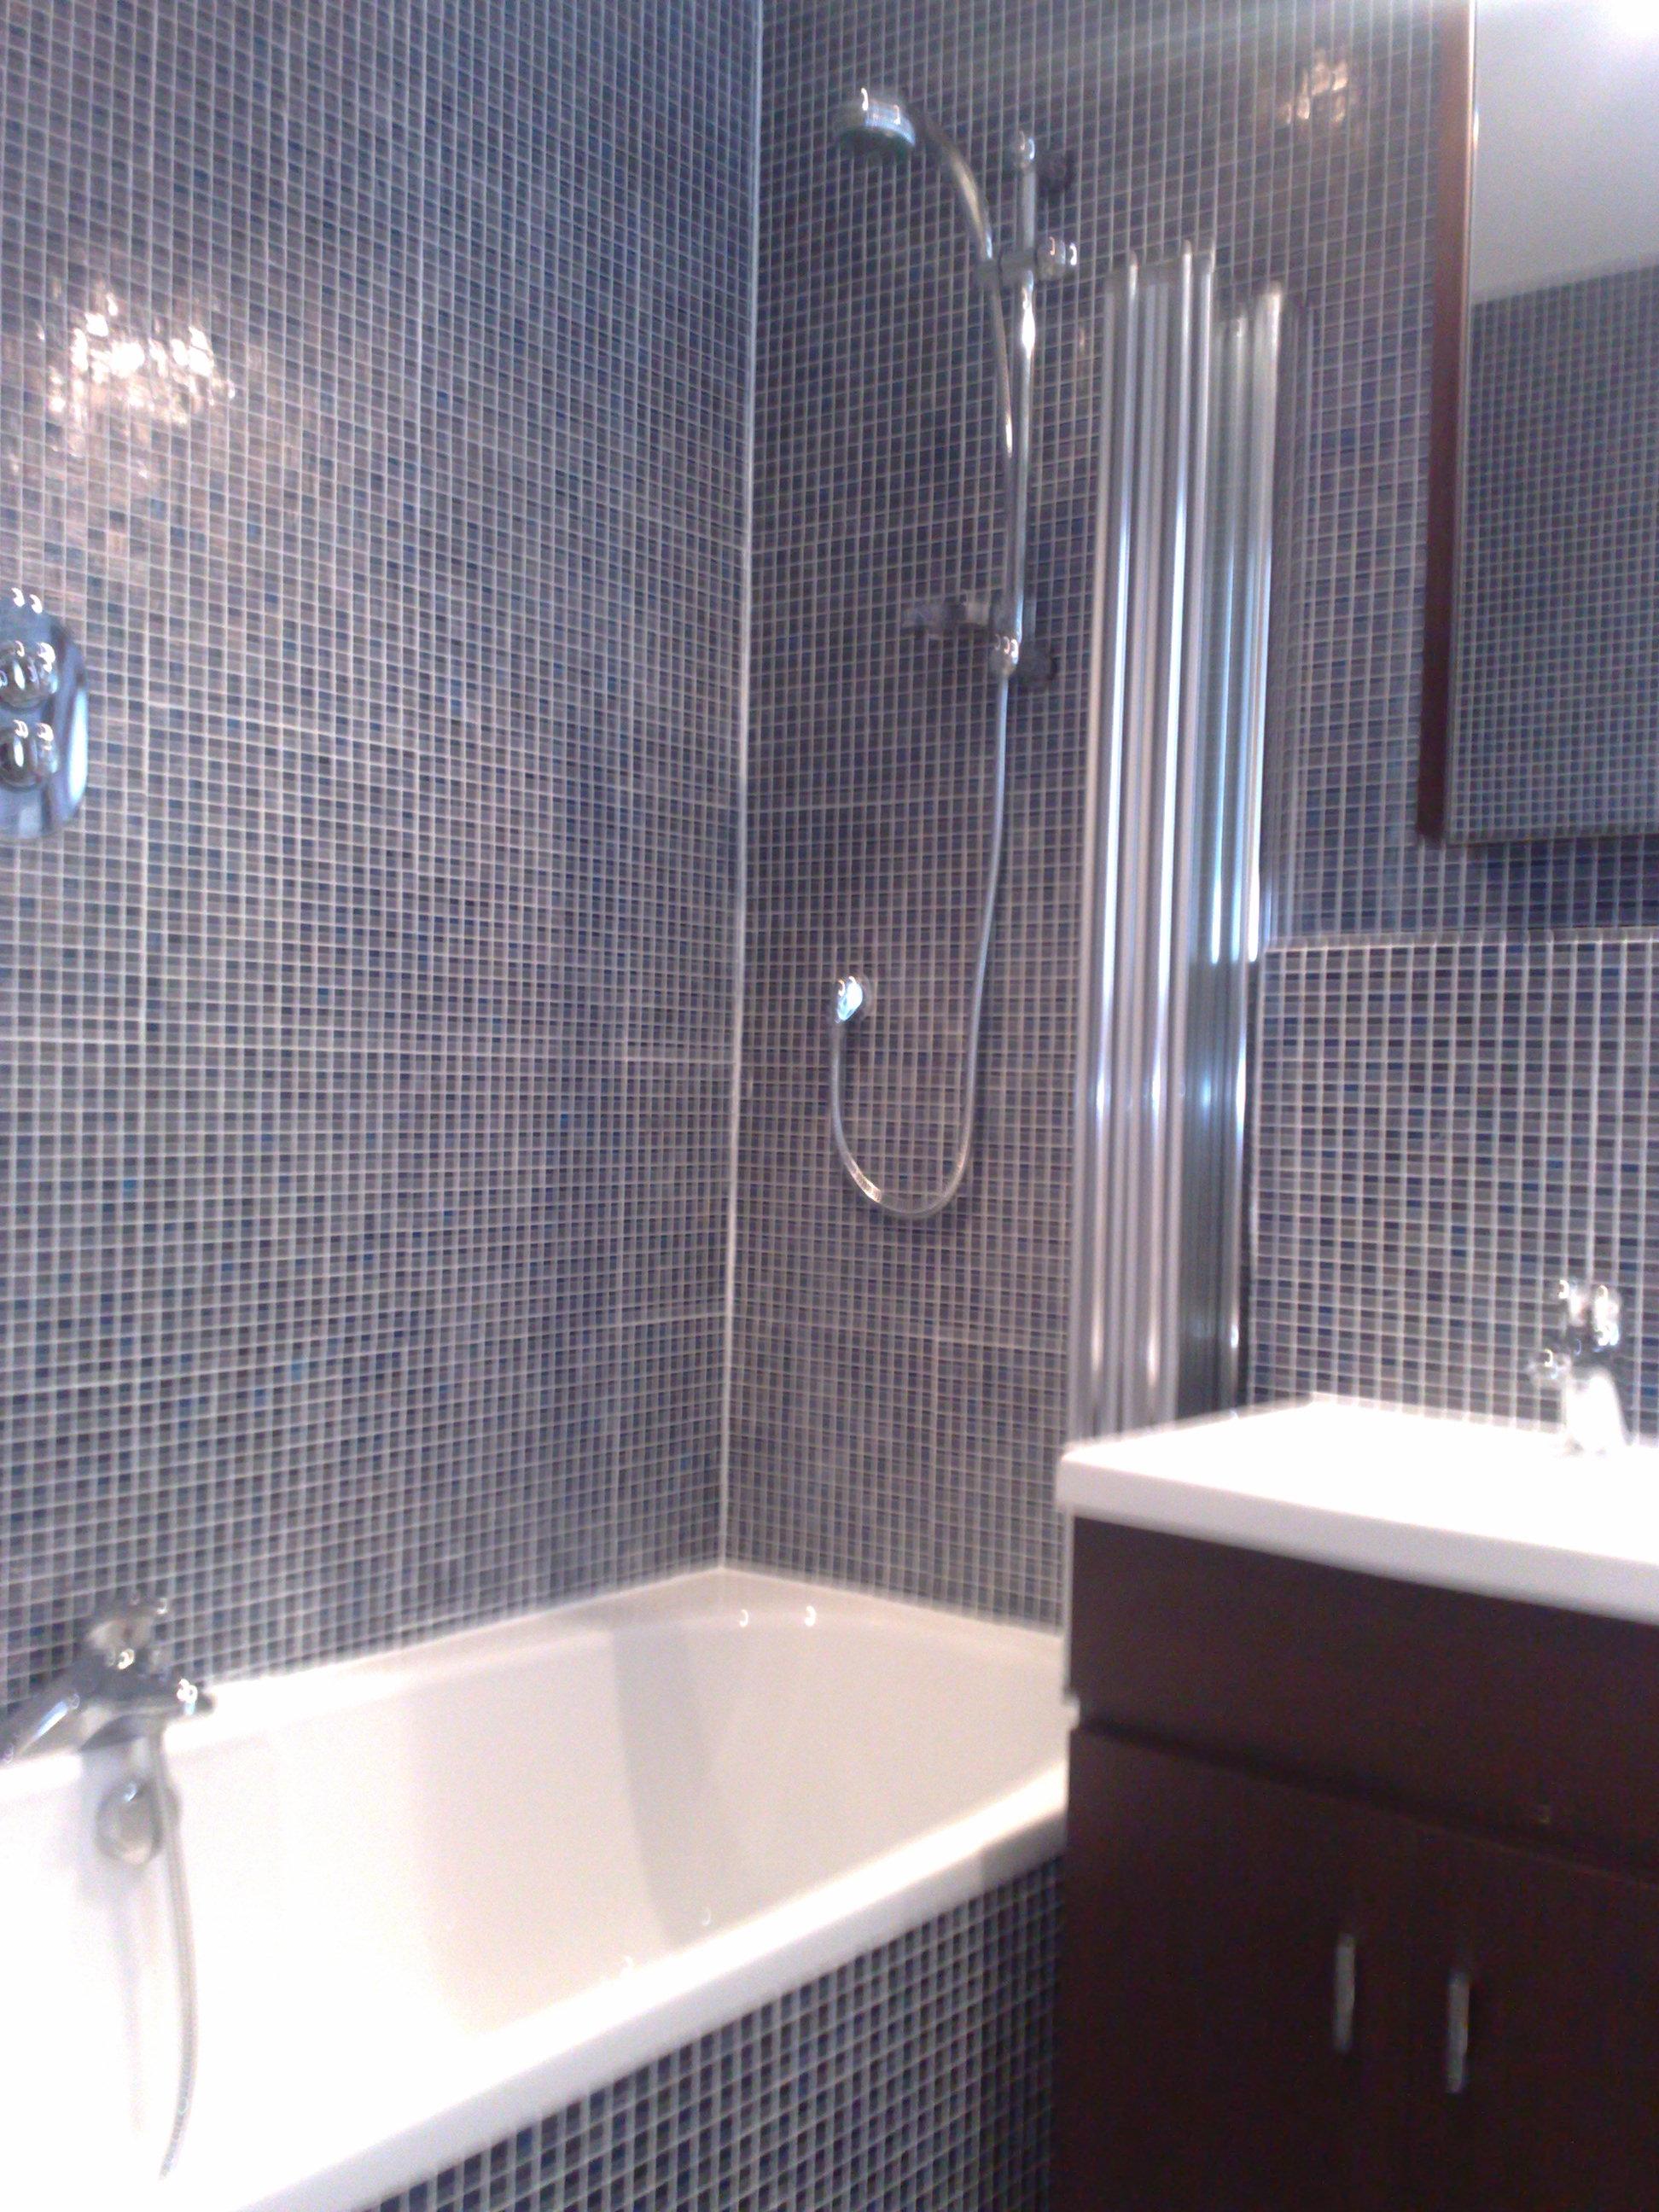 Mosaic Bathroom Tiles Dublin